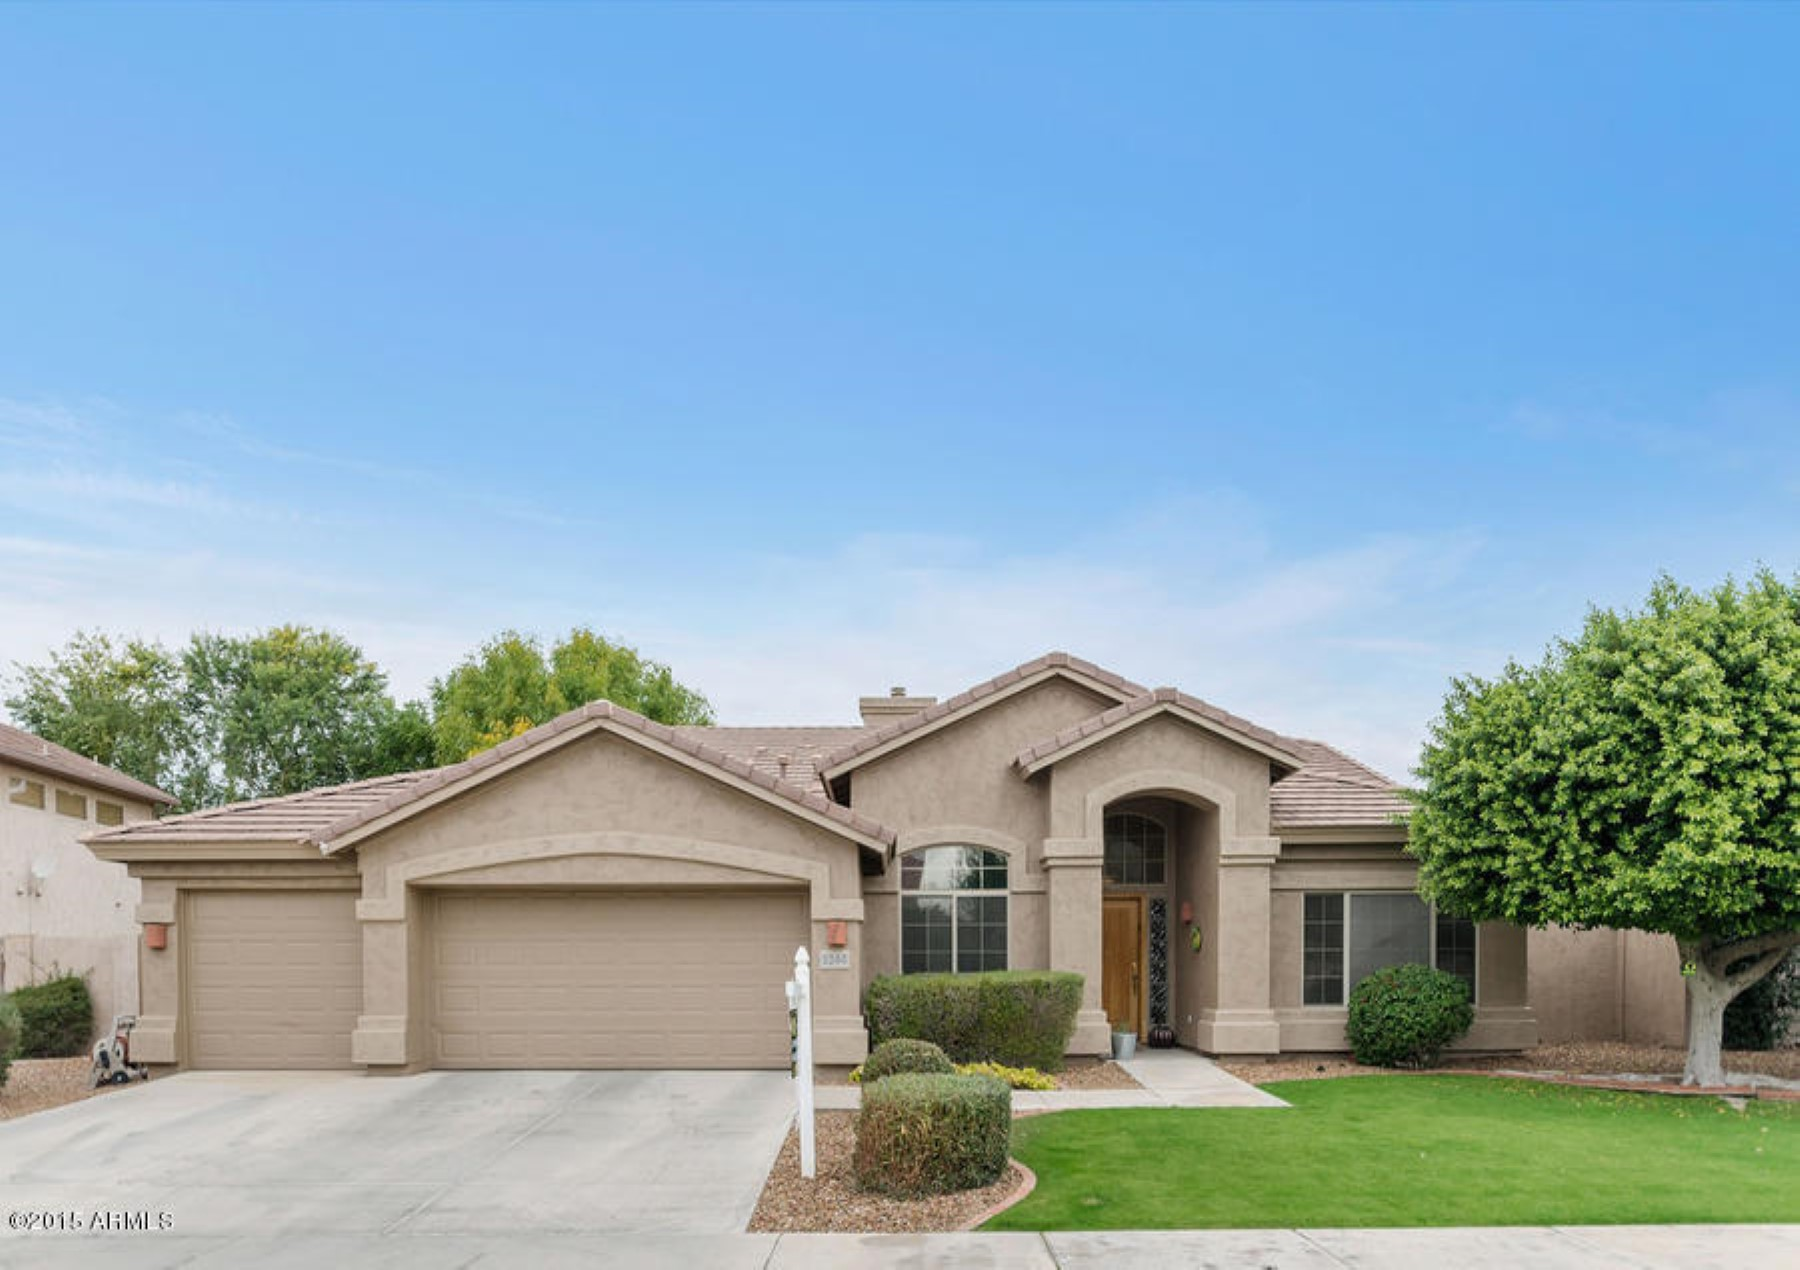 Nhà ở một gia đình vì Bán tại This is a must see home in the magic 85254 zip code 5244 E CHARLESTON AVE Scottsdale, Arizona 85254 Hoa Kỳ